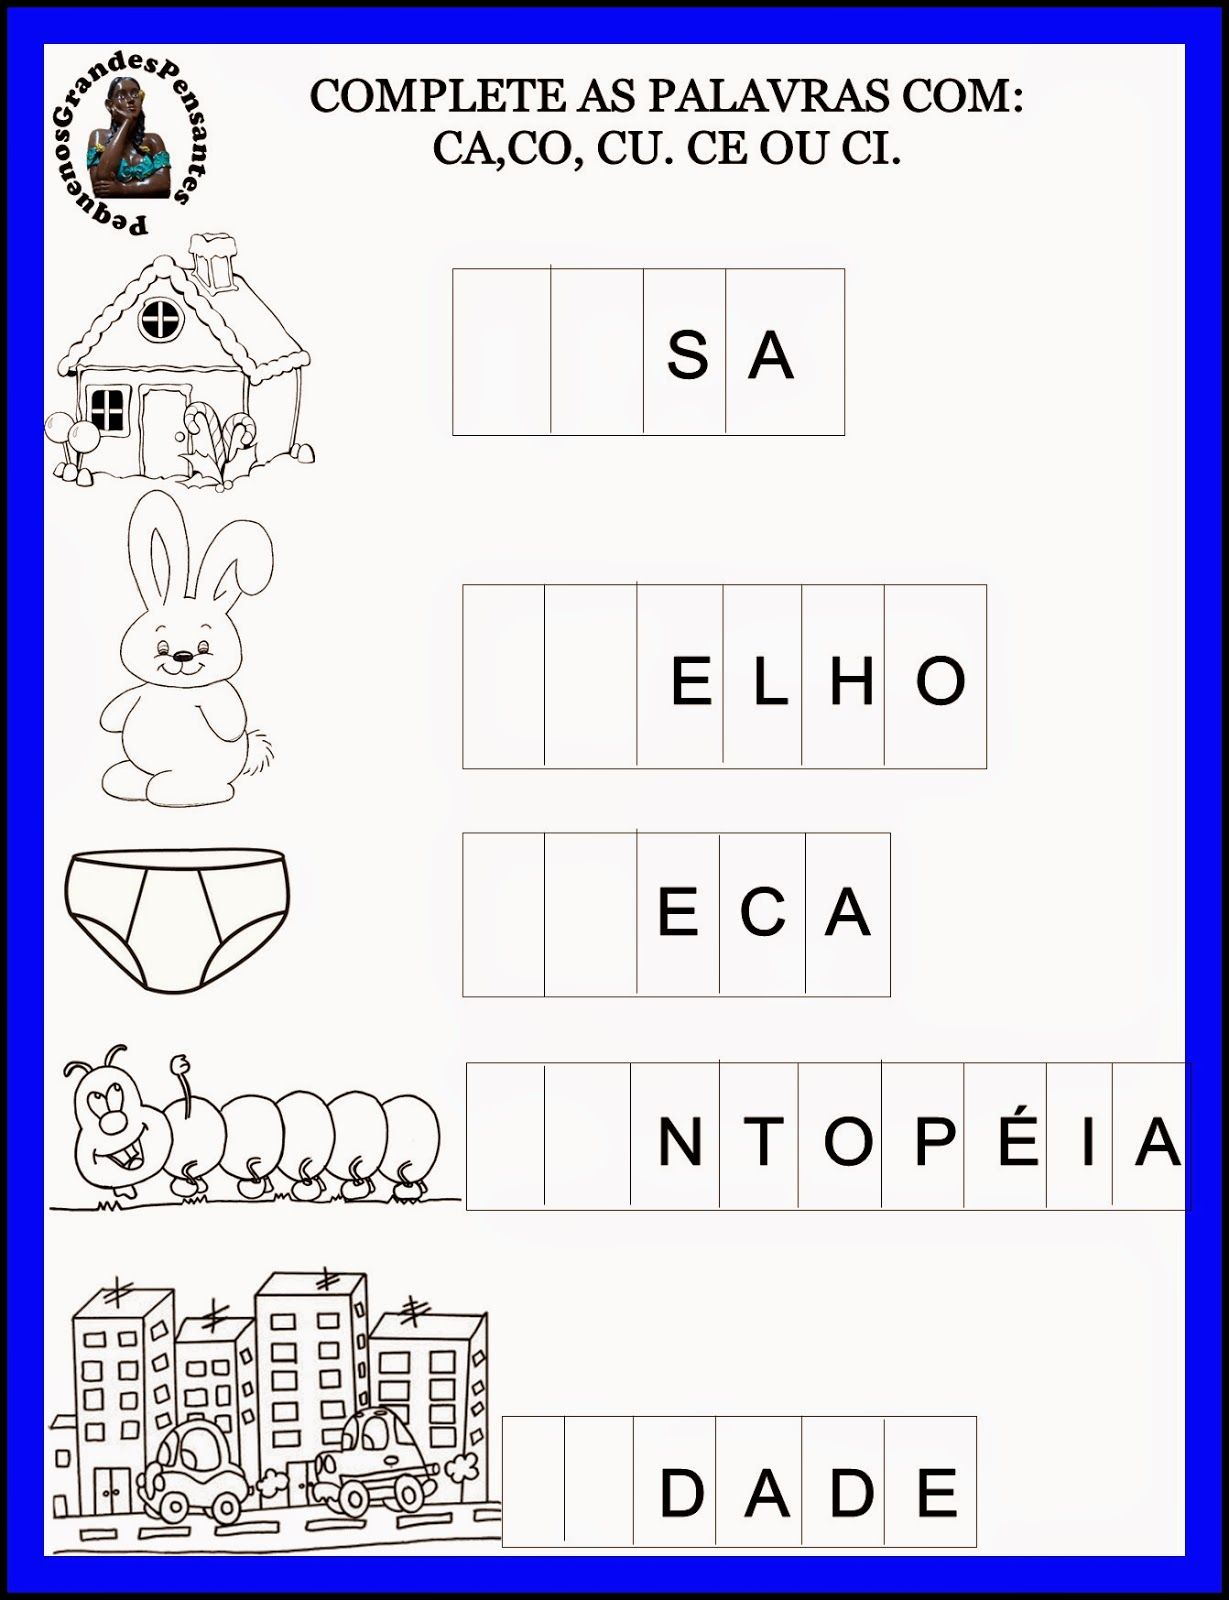 Atividades Inéditas com a letra C | atividades lúdicas | Pinterest ...